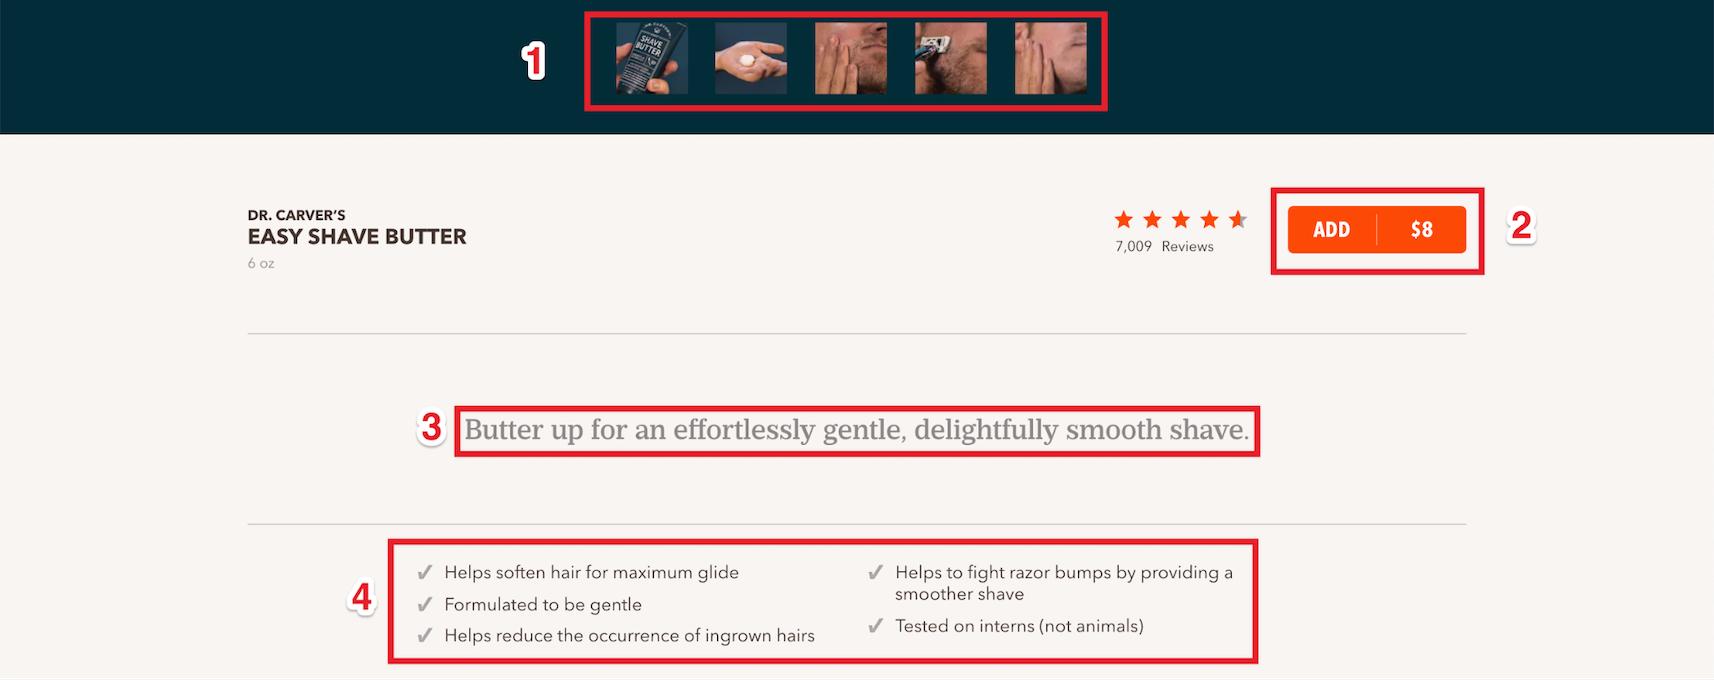 product-description-page-important-elements